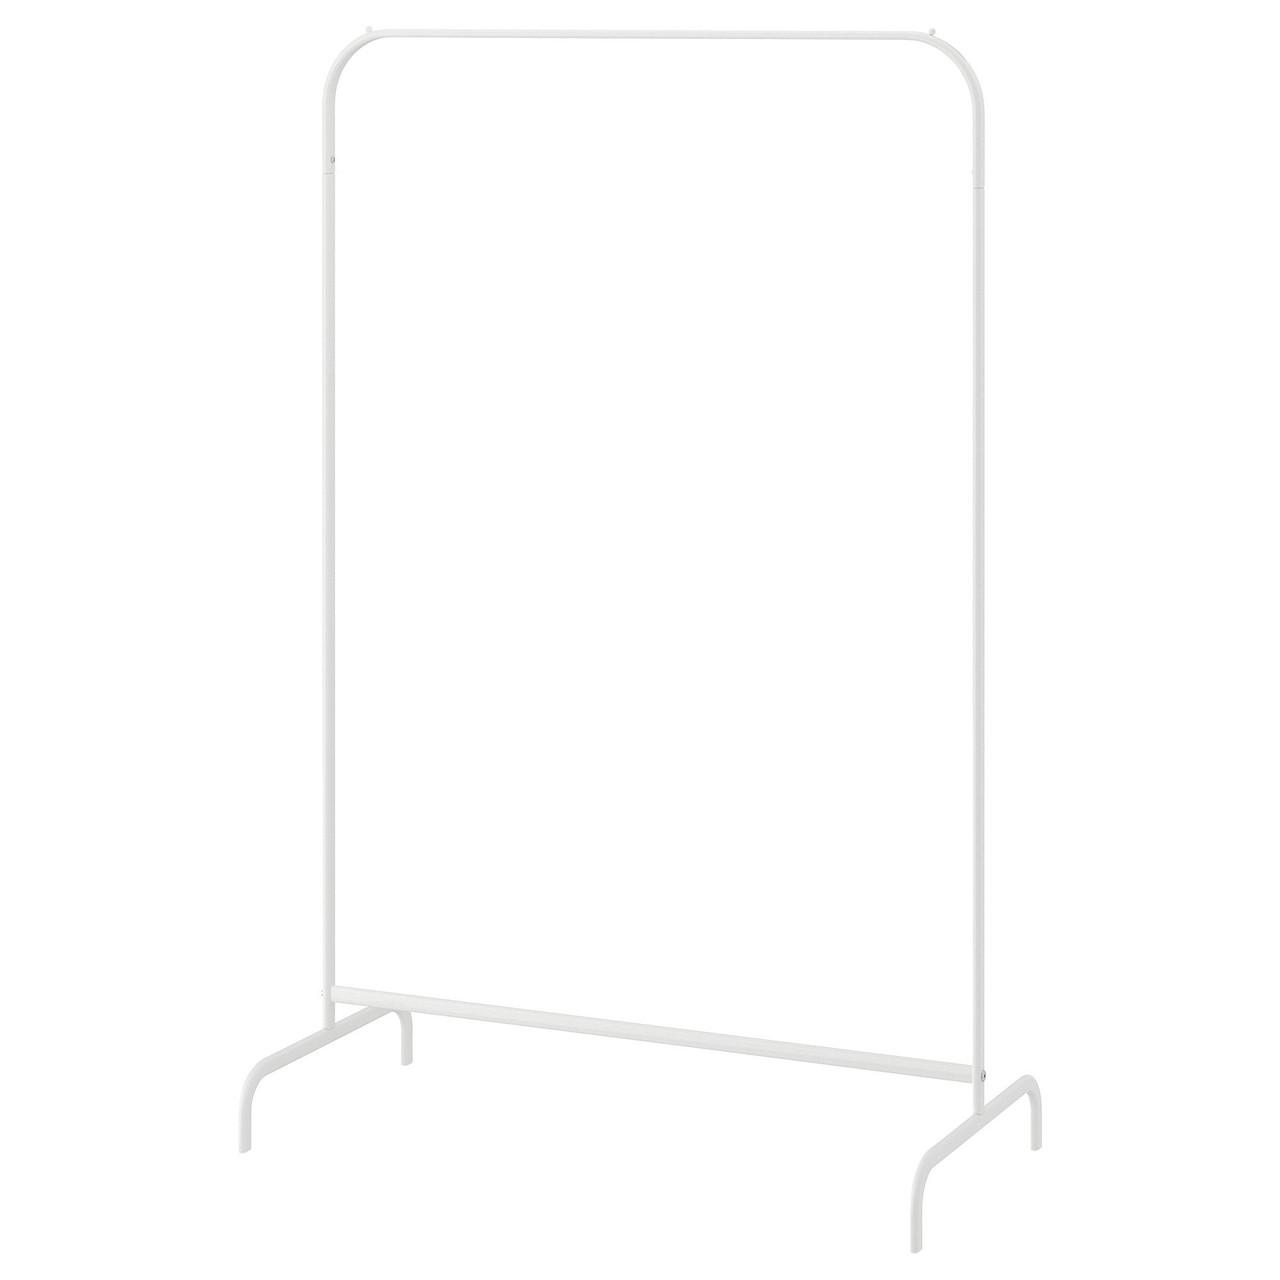 Напольная вешалка MULIG Муллиг, белый 99x152 см